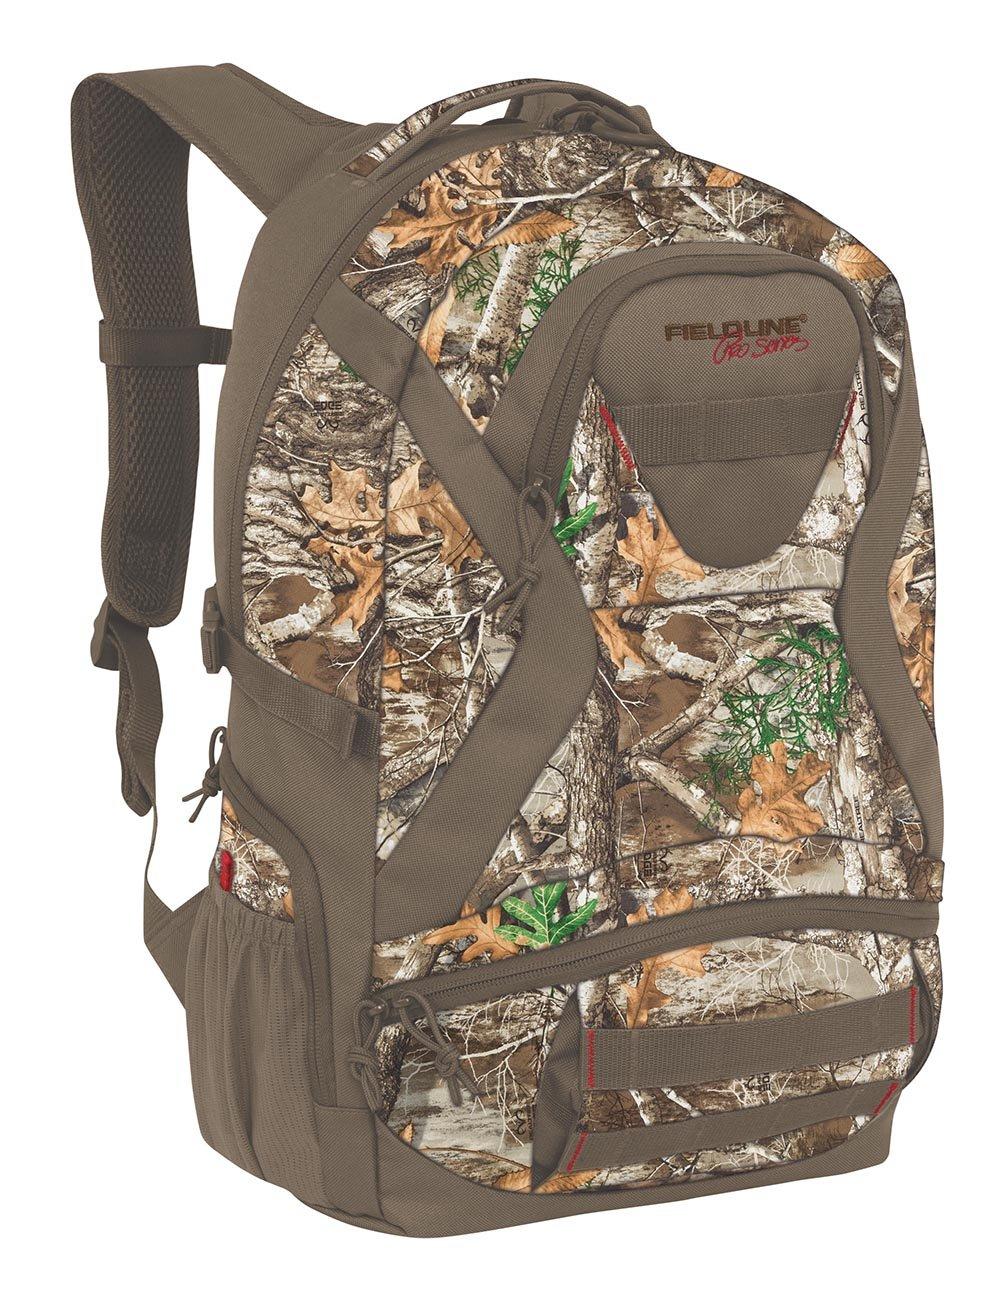 Fieldline Pro Eagle Backpack, Mossy Oak Break Up Country